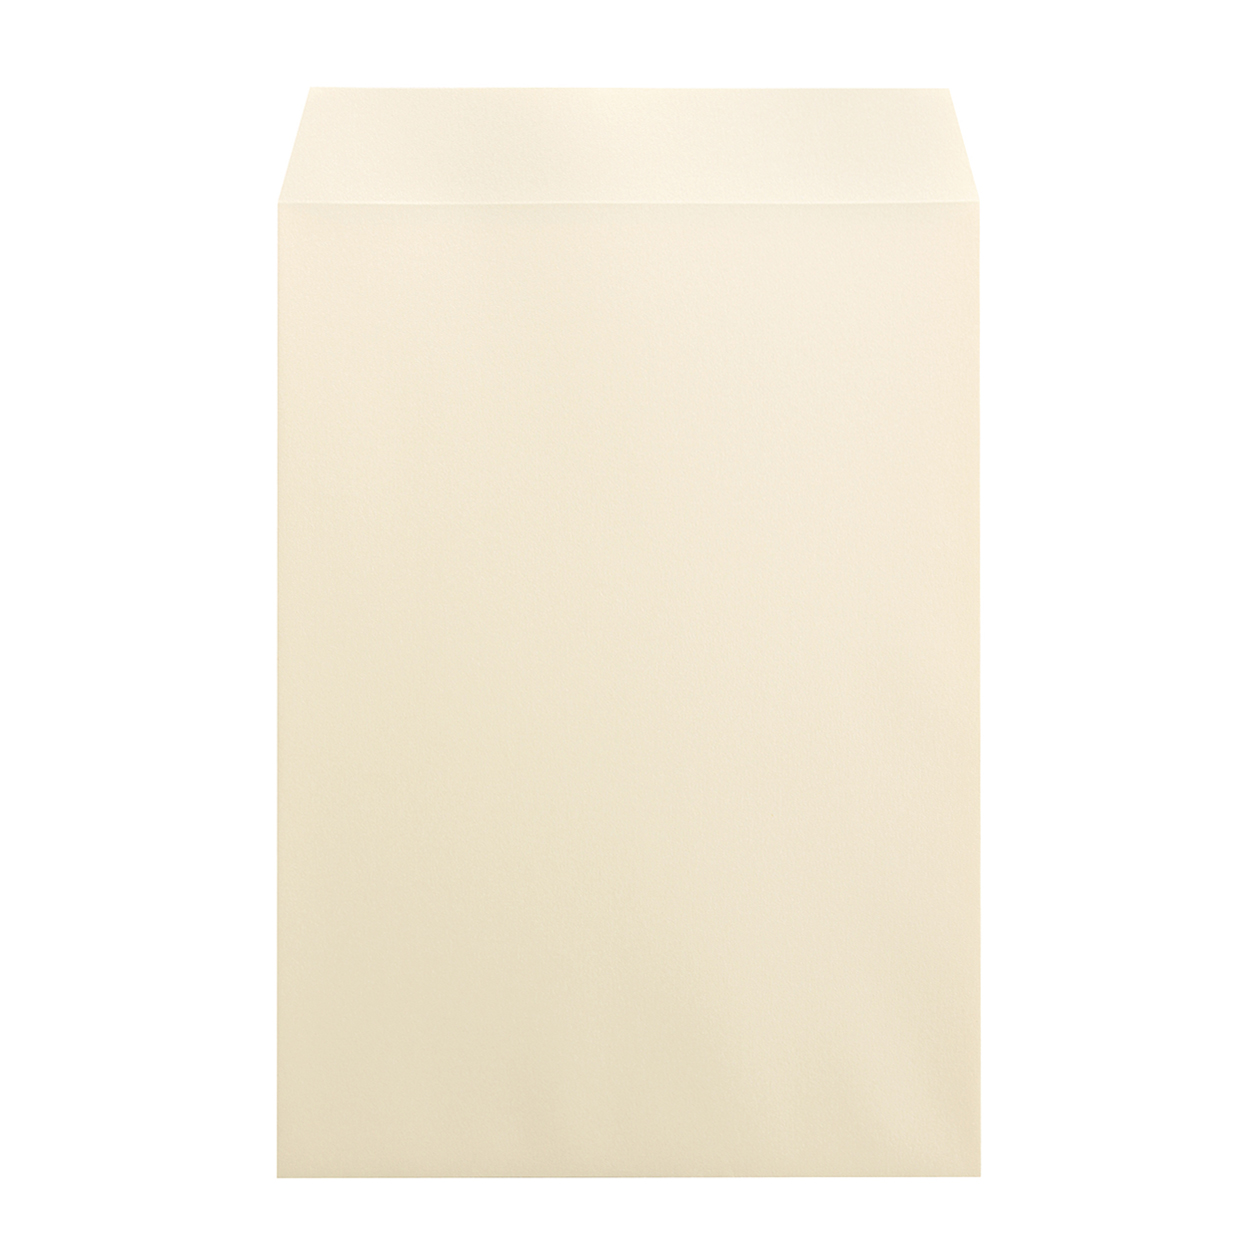 角2封筒 コットンパール ナチュラル 125.3g